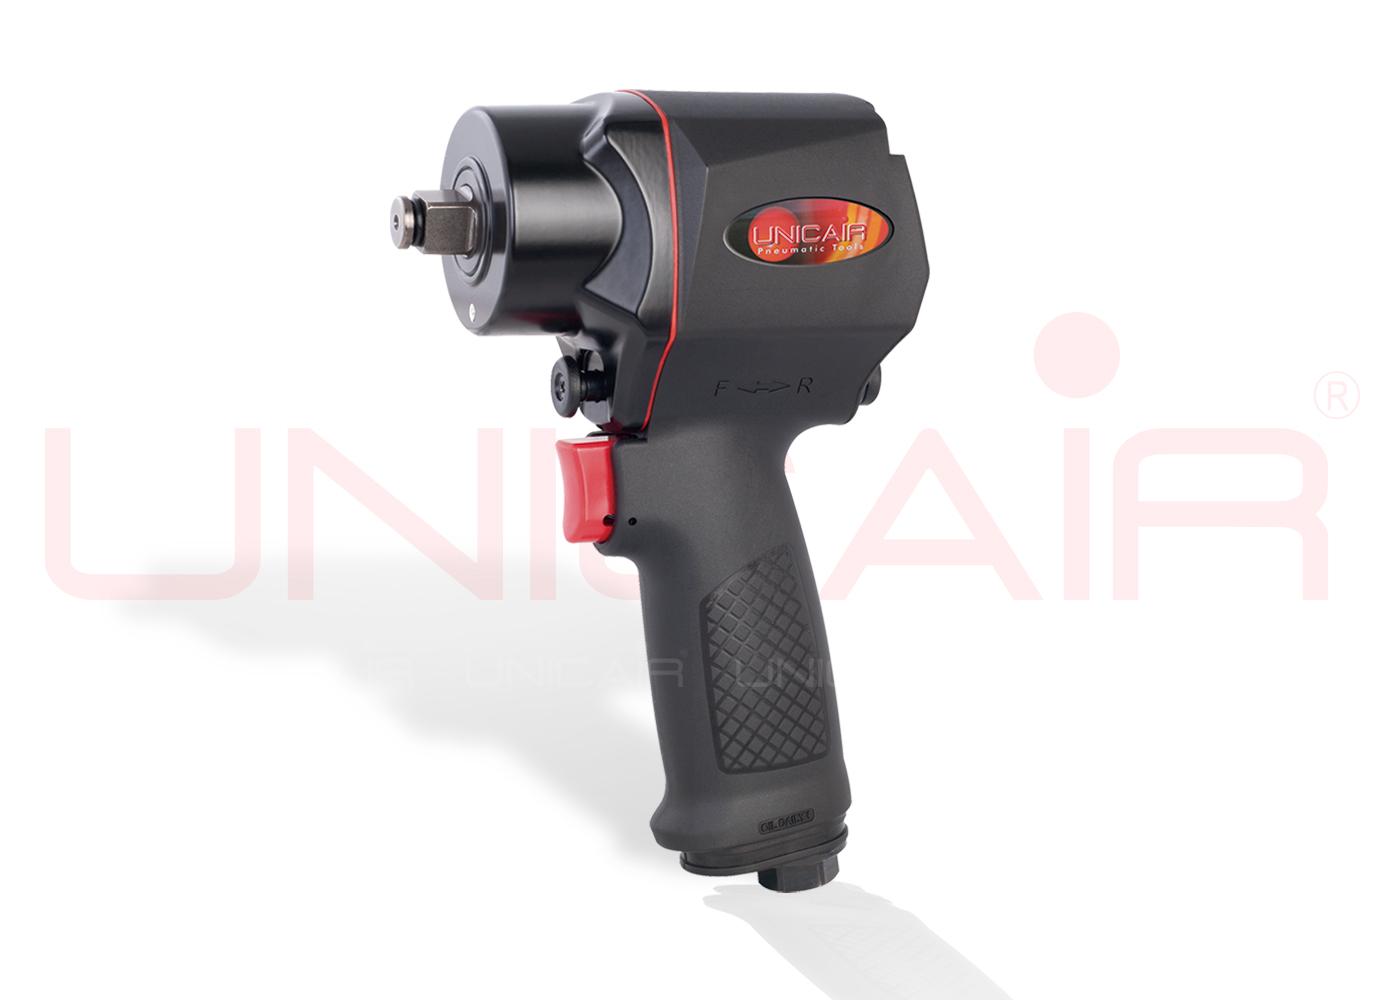 Mini llave de impacto LLI-401 RV